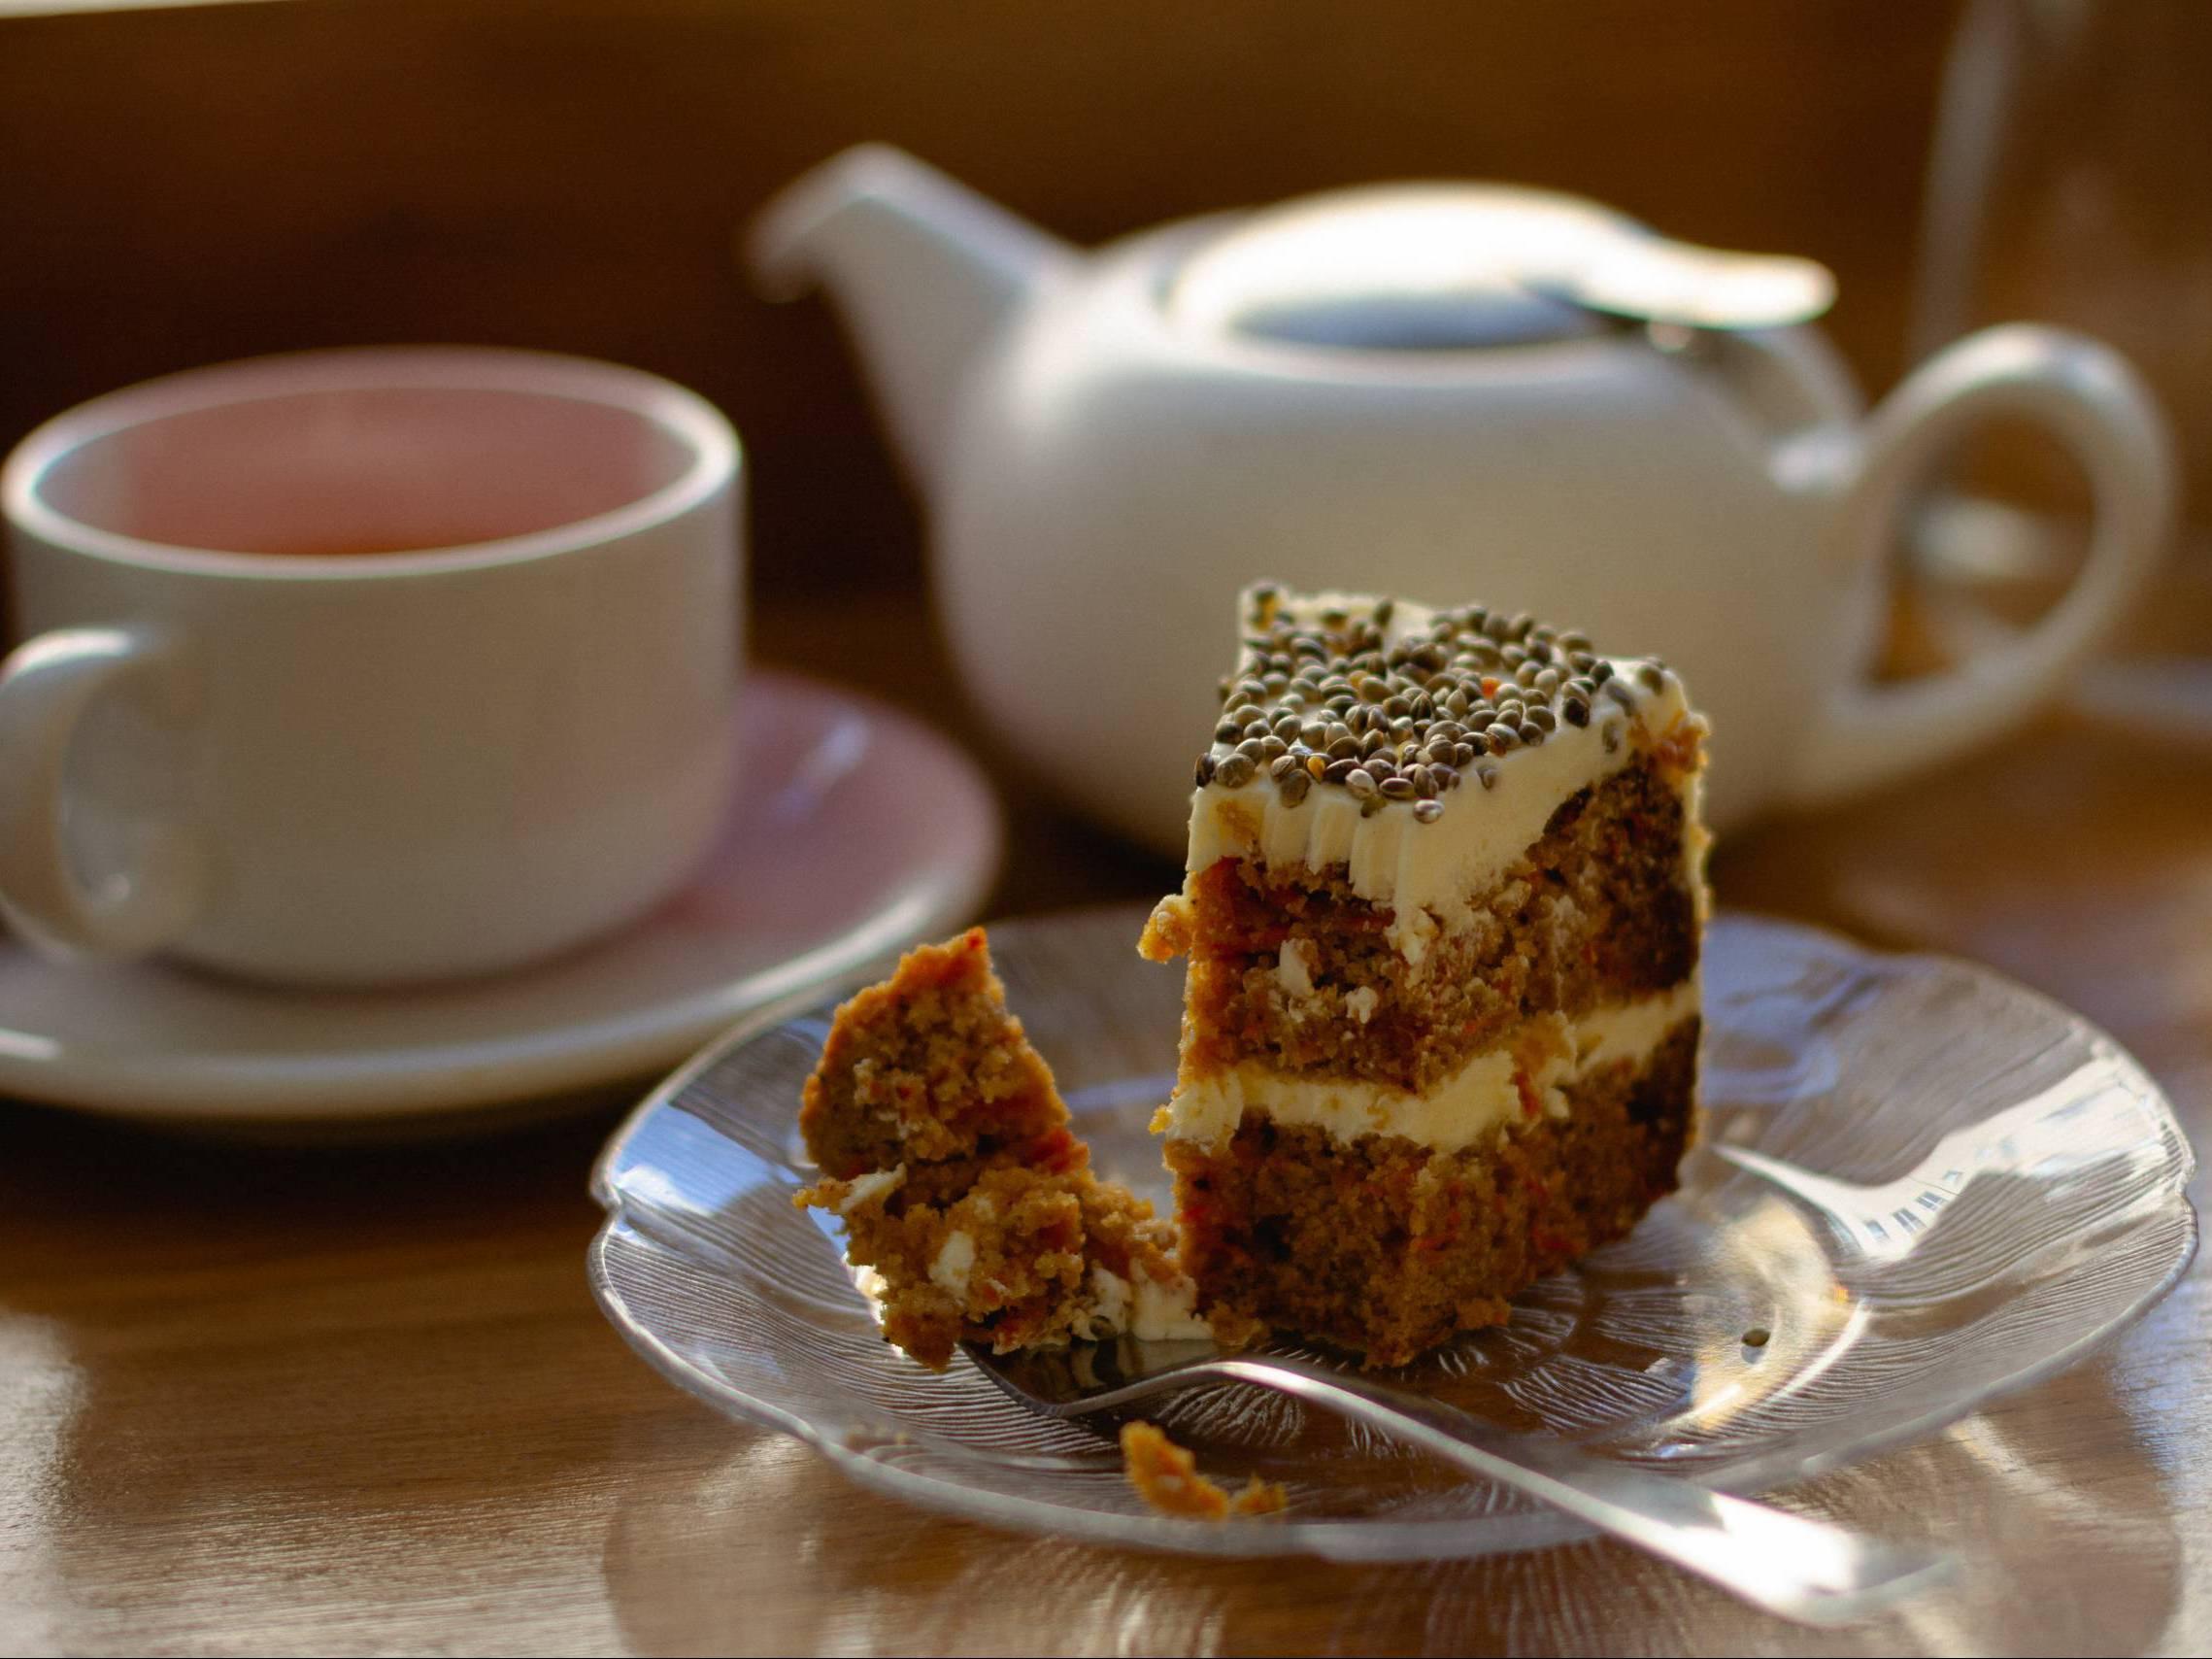 Die besten Kaffee und Kuchen Kombinationen